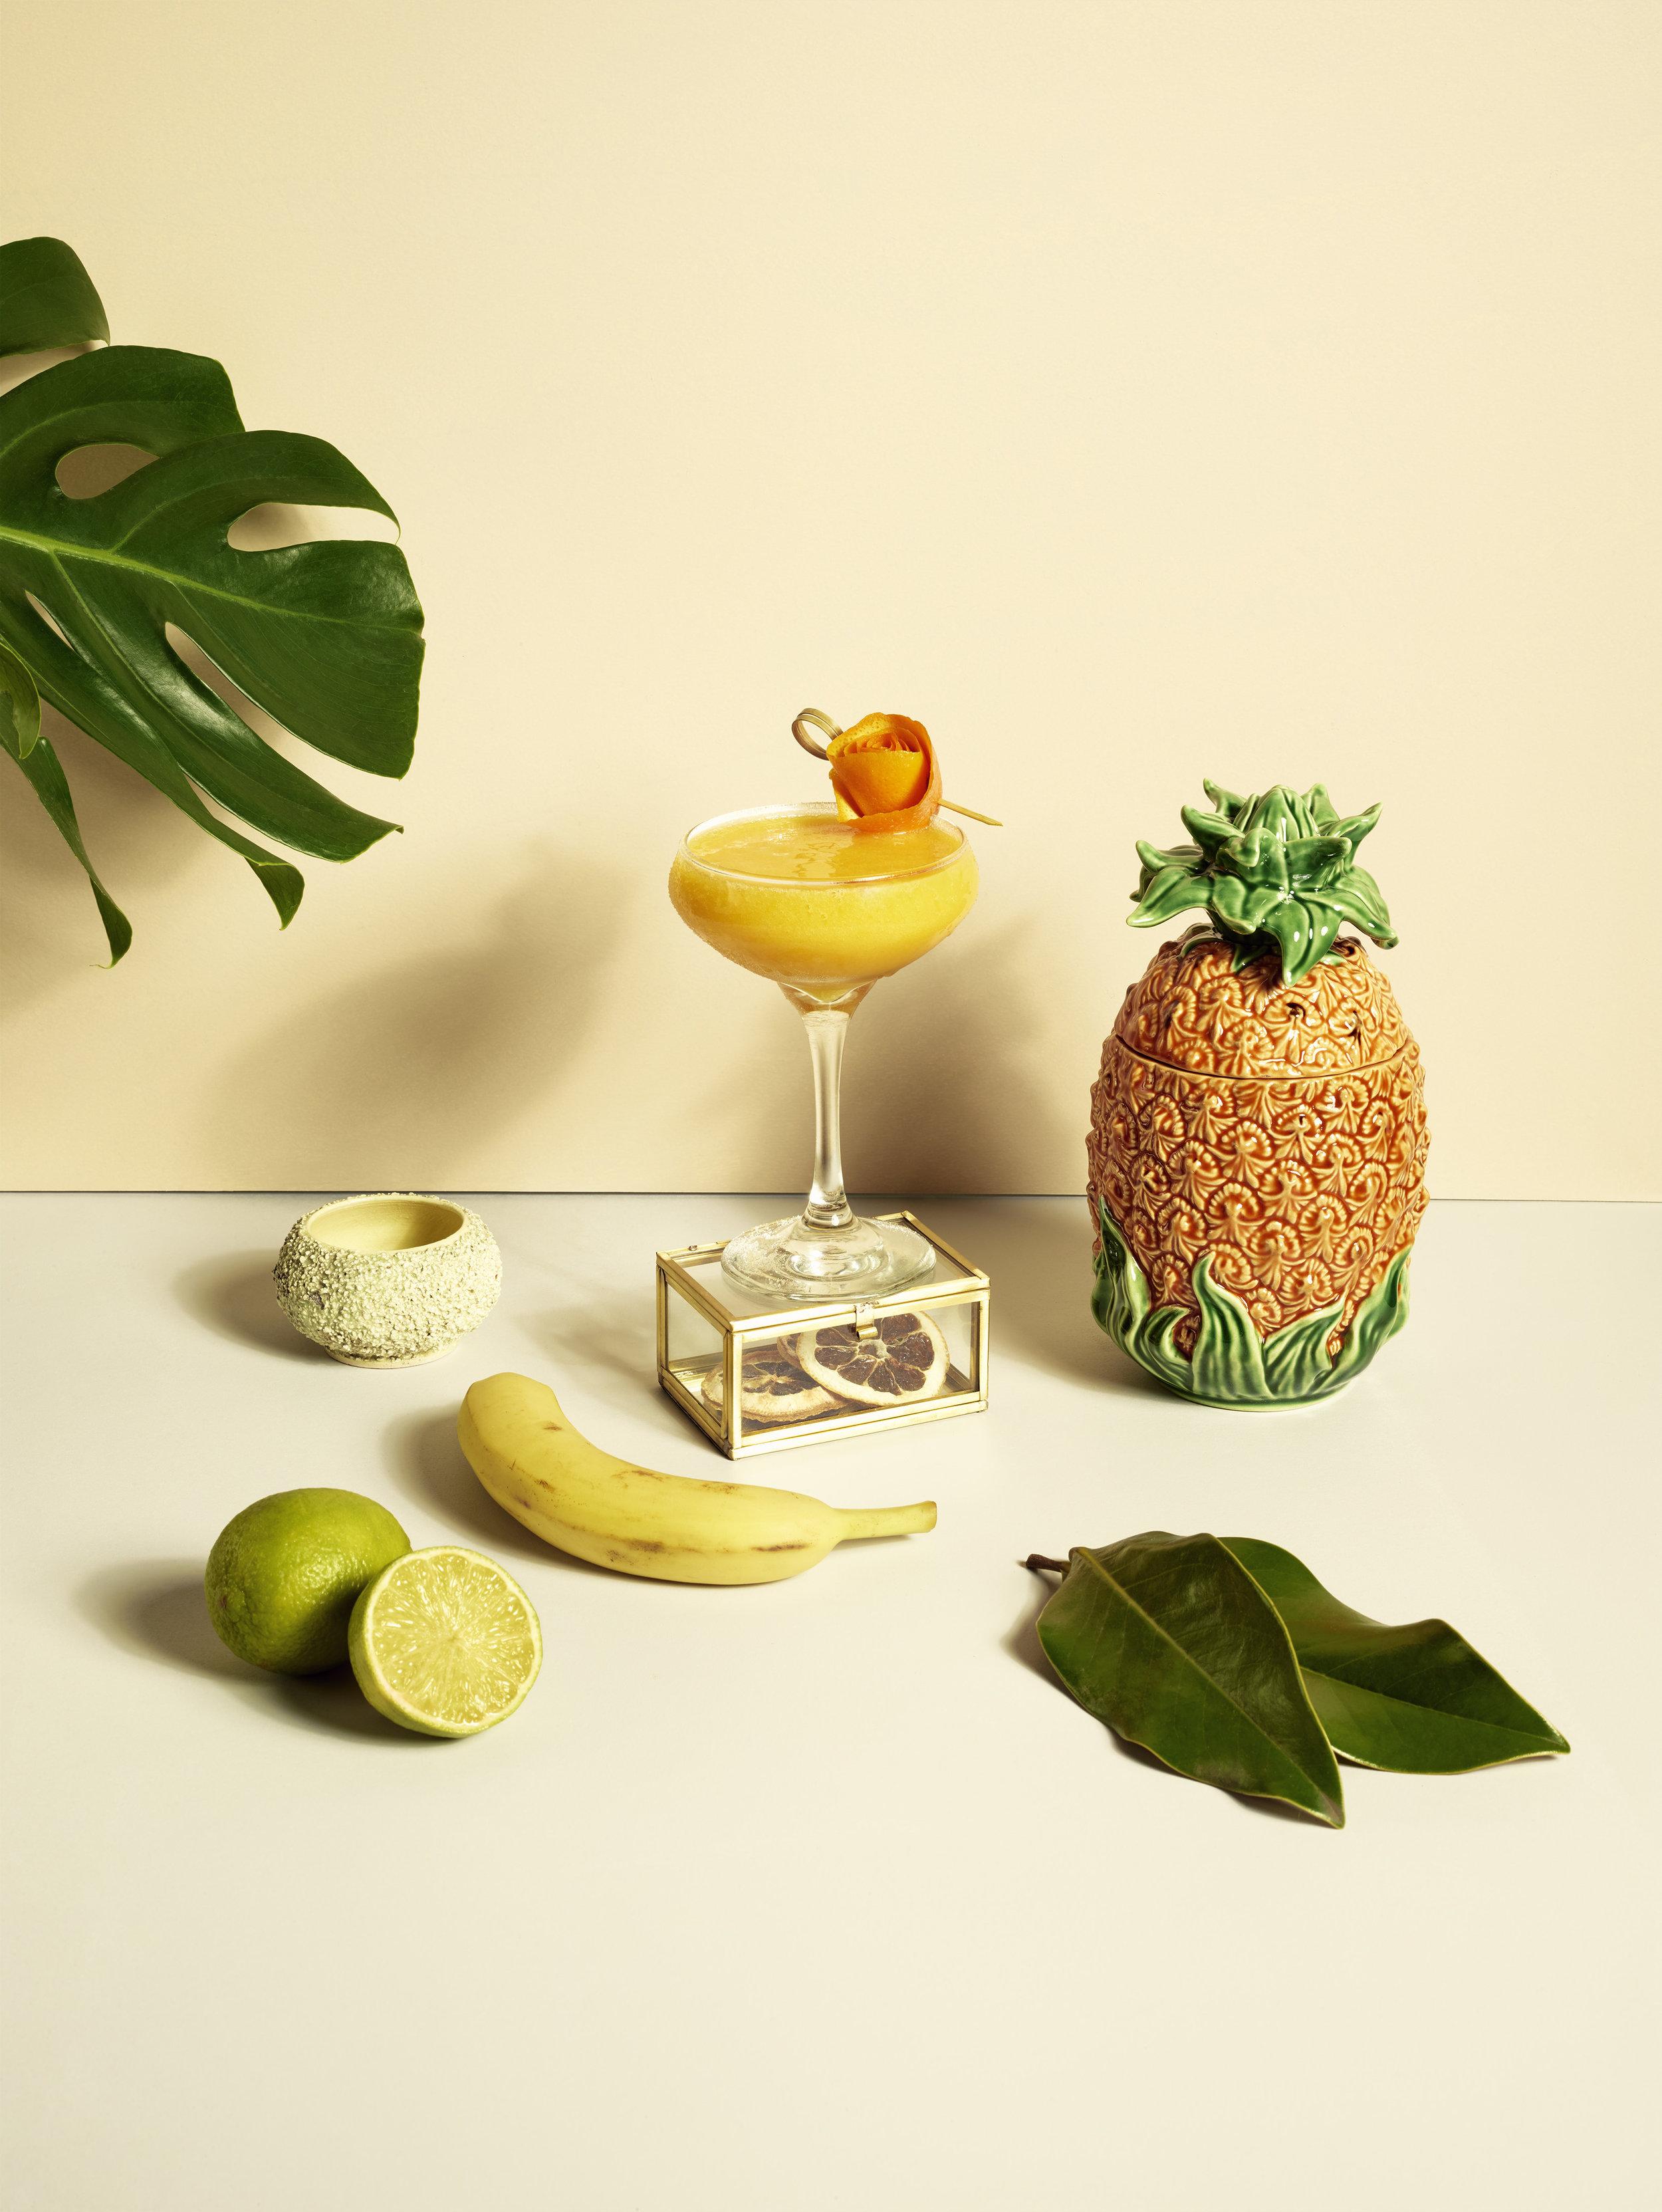 Os COCKTAILS e a CERÂMICA |  Cocktails and Ceramics